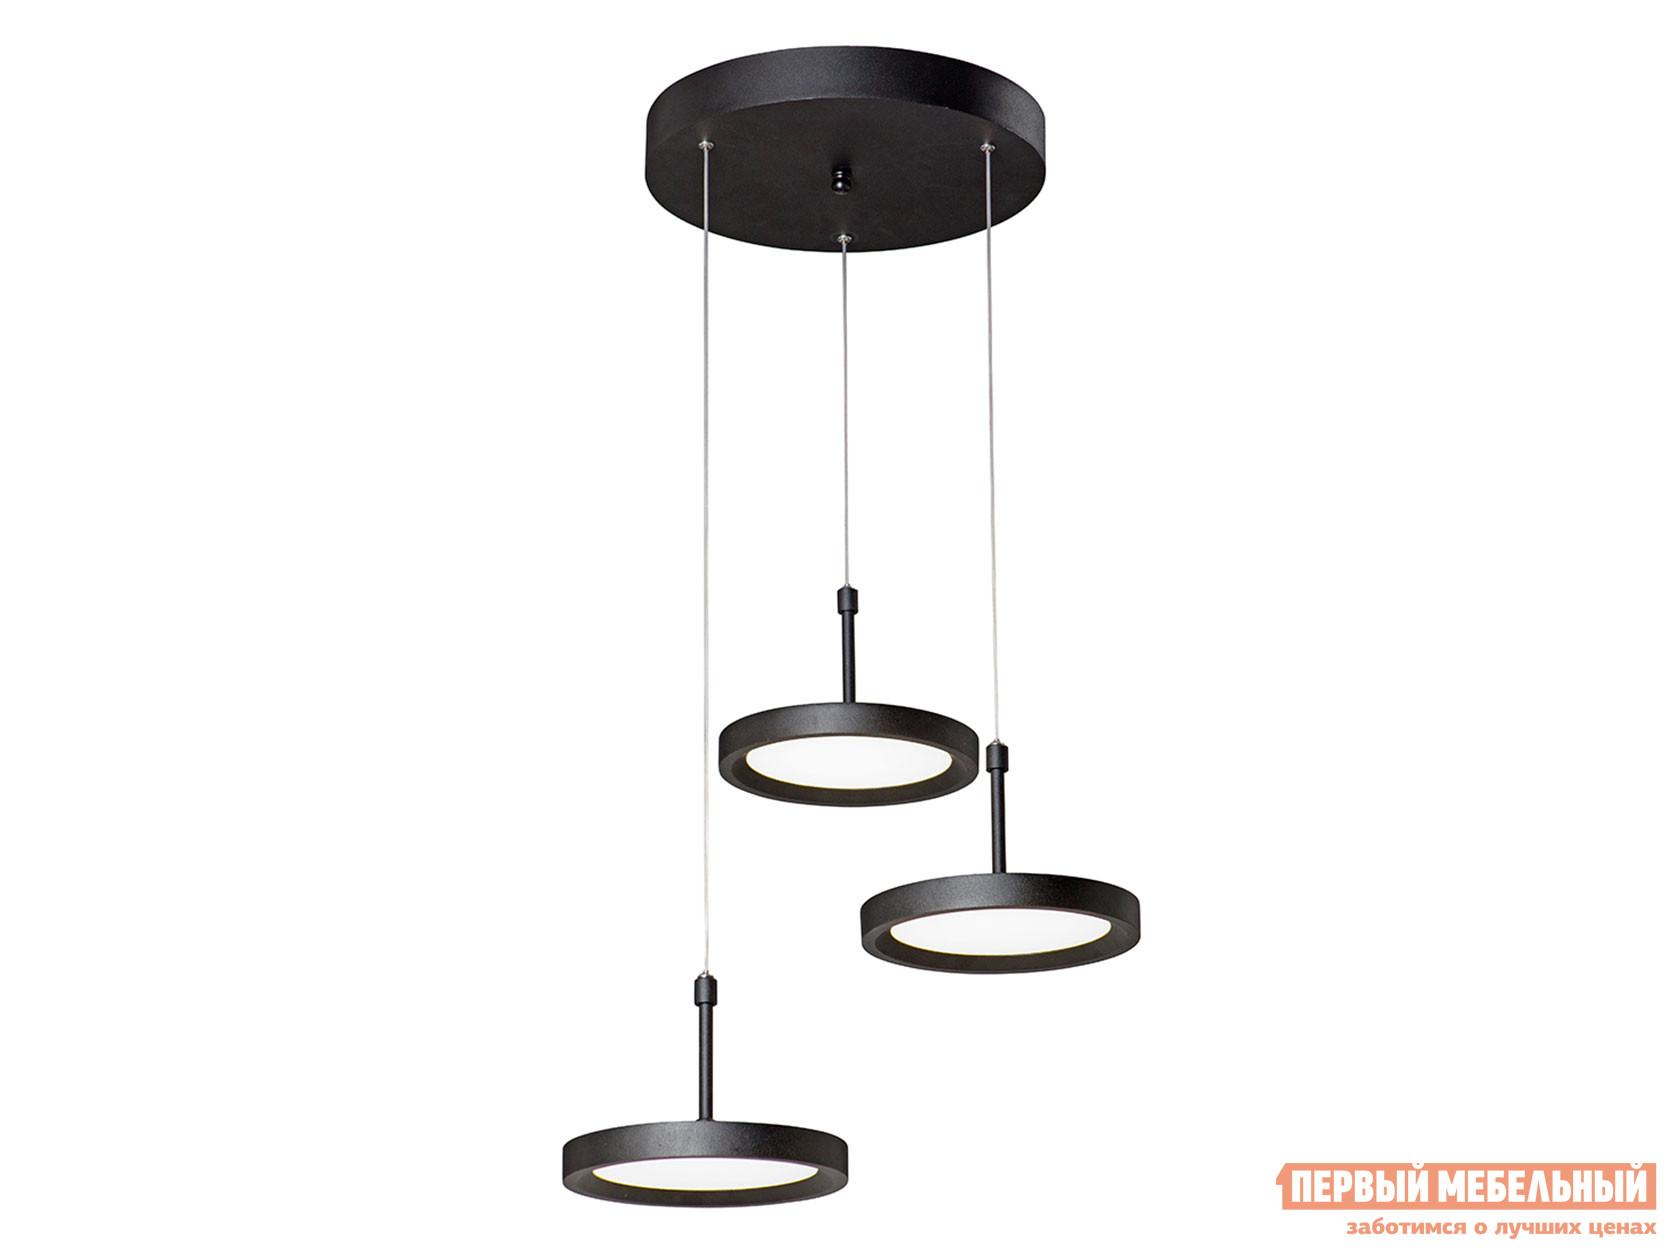 Люстра КСК-электро Светодиодный светильник V4603-1/3S, LED 36Вт, 3900-4200К